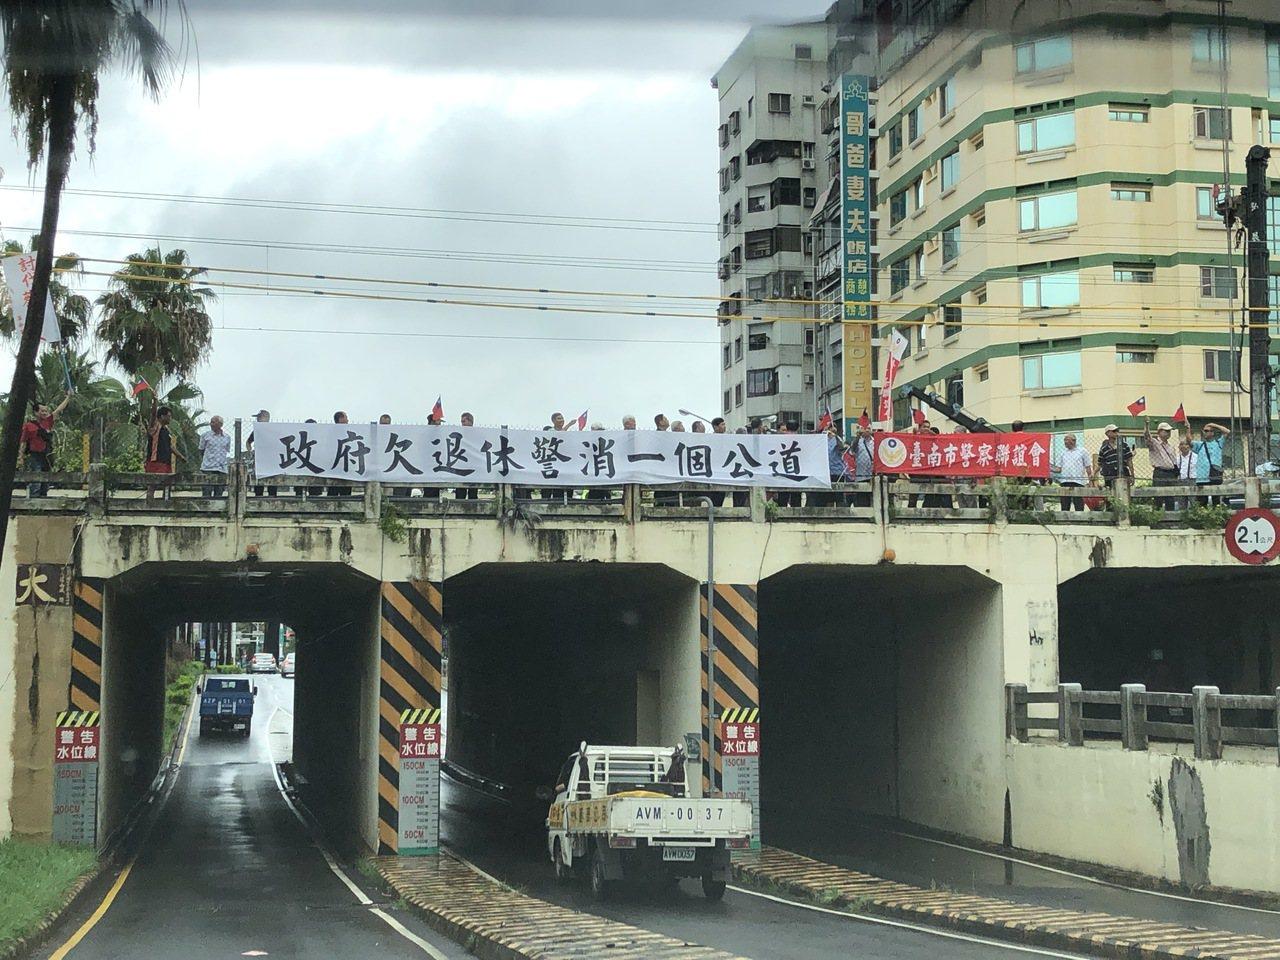 軍公教年改釋憲今天下午出爐,台南退警不服氣說「據理力爭」。圖/本報資料照片